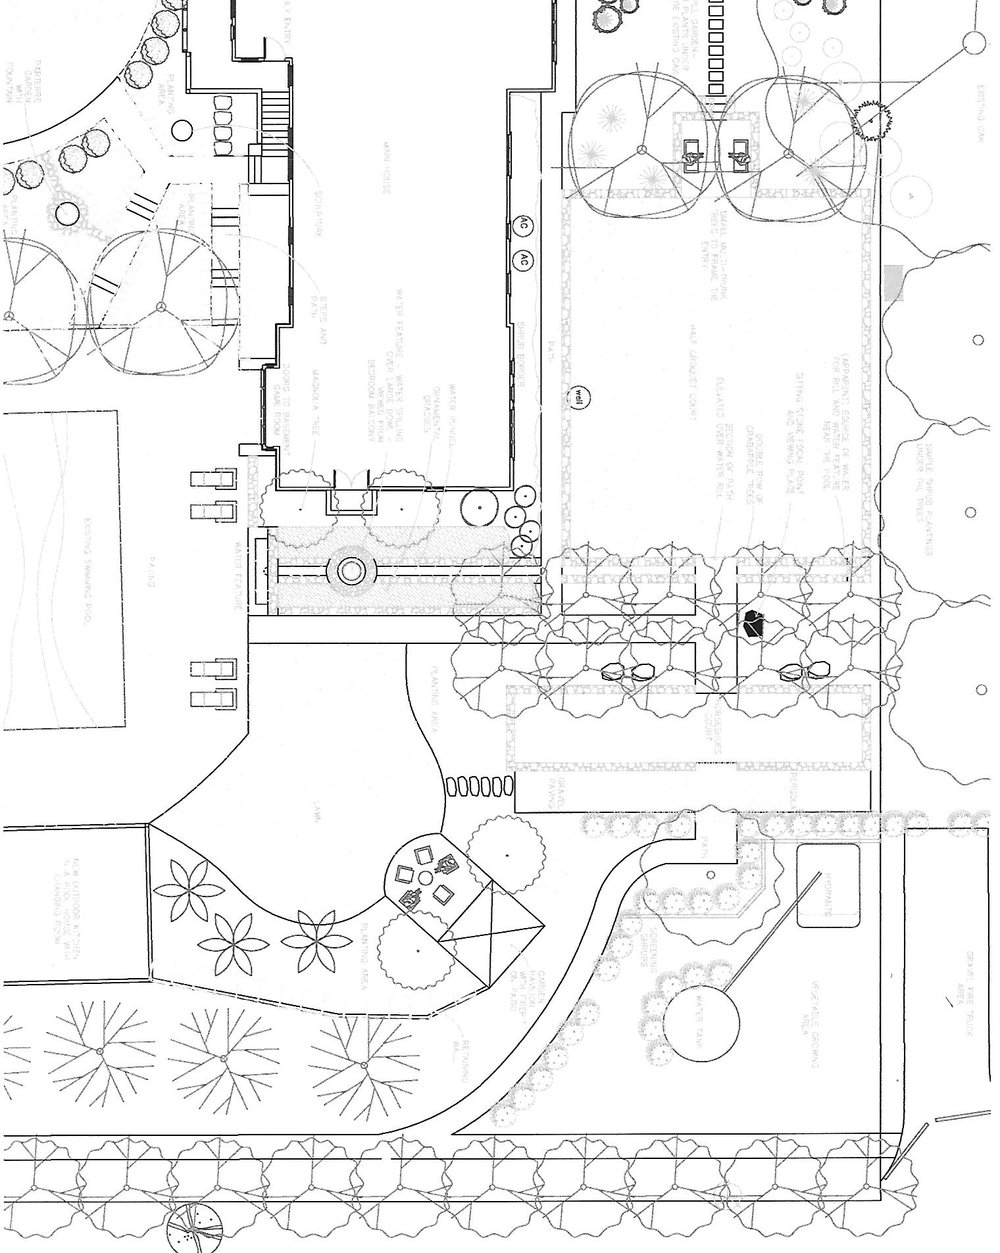 Sample Fun Garden Plan.jpg